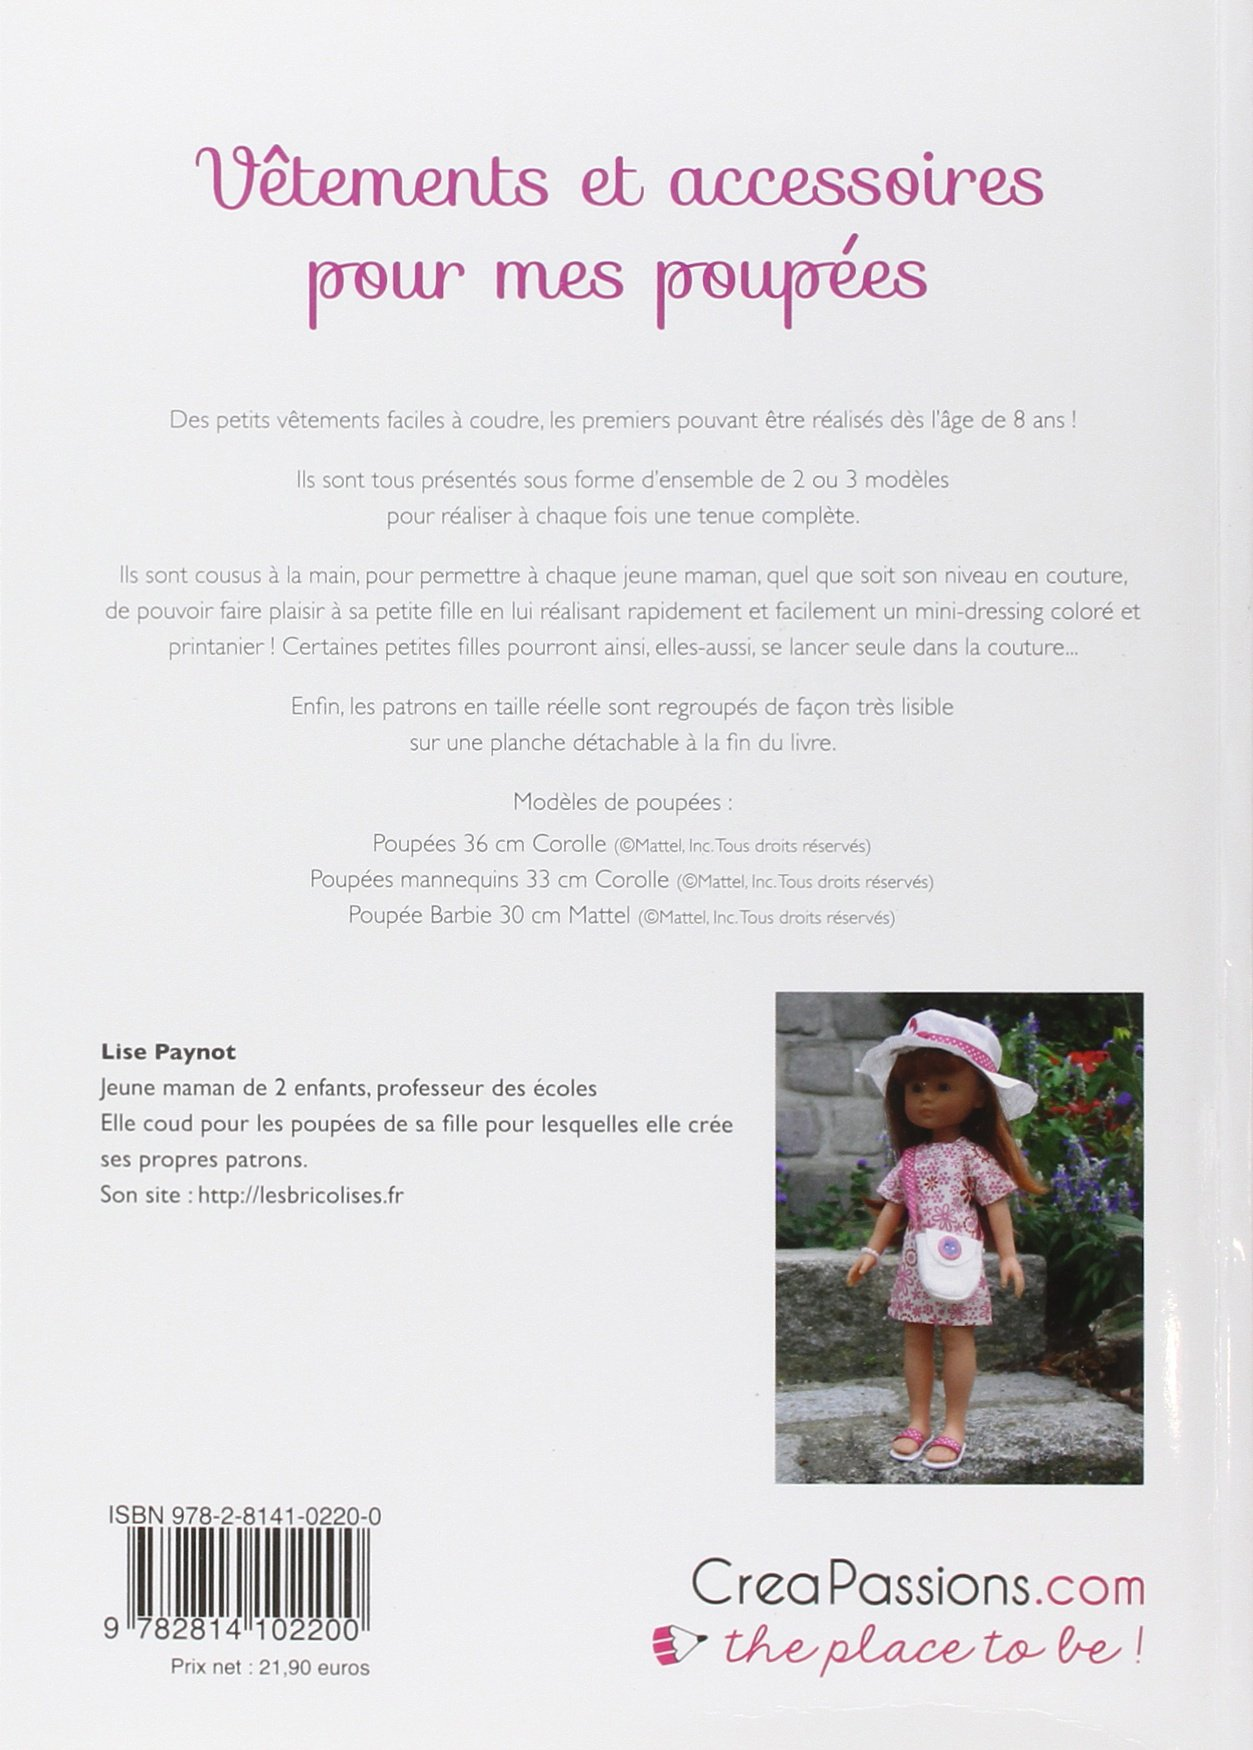 f09c1a188cc33 Amazon.fr - Vêtements et accessoires pour mes poupées - Lise Paynot - Livres